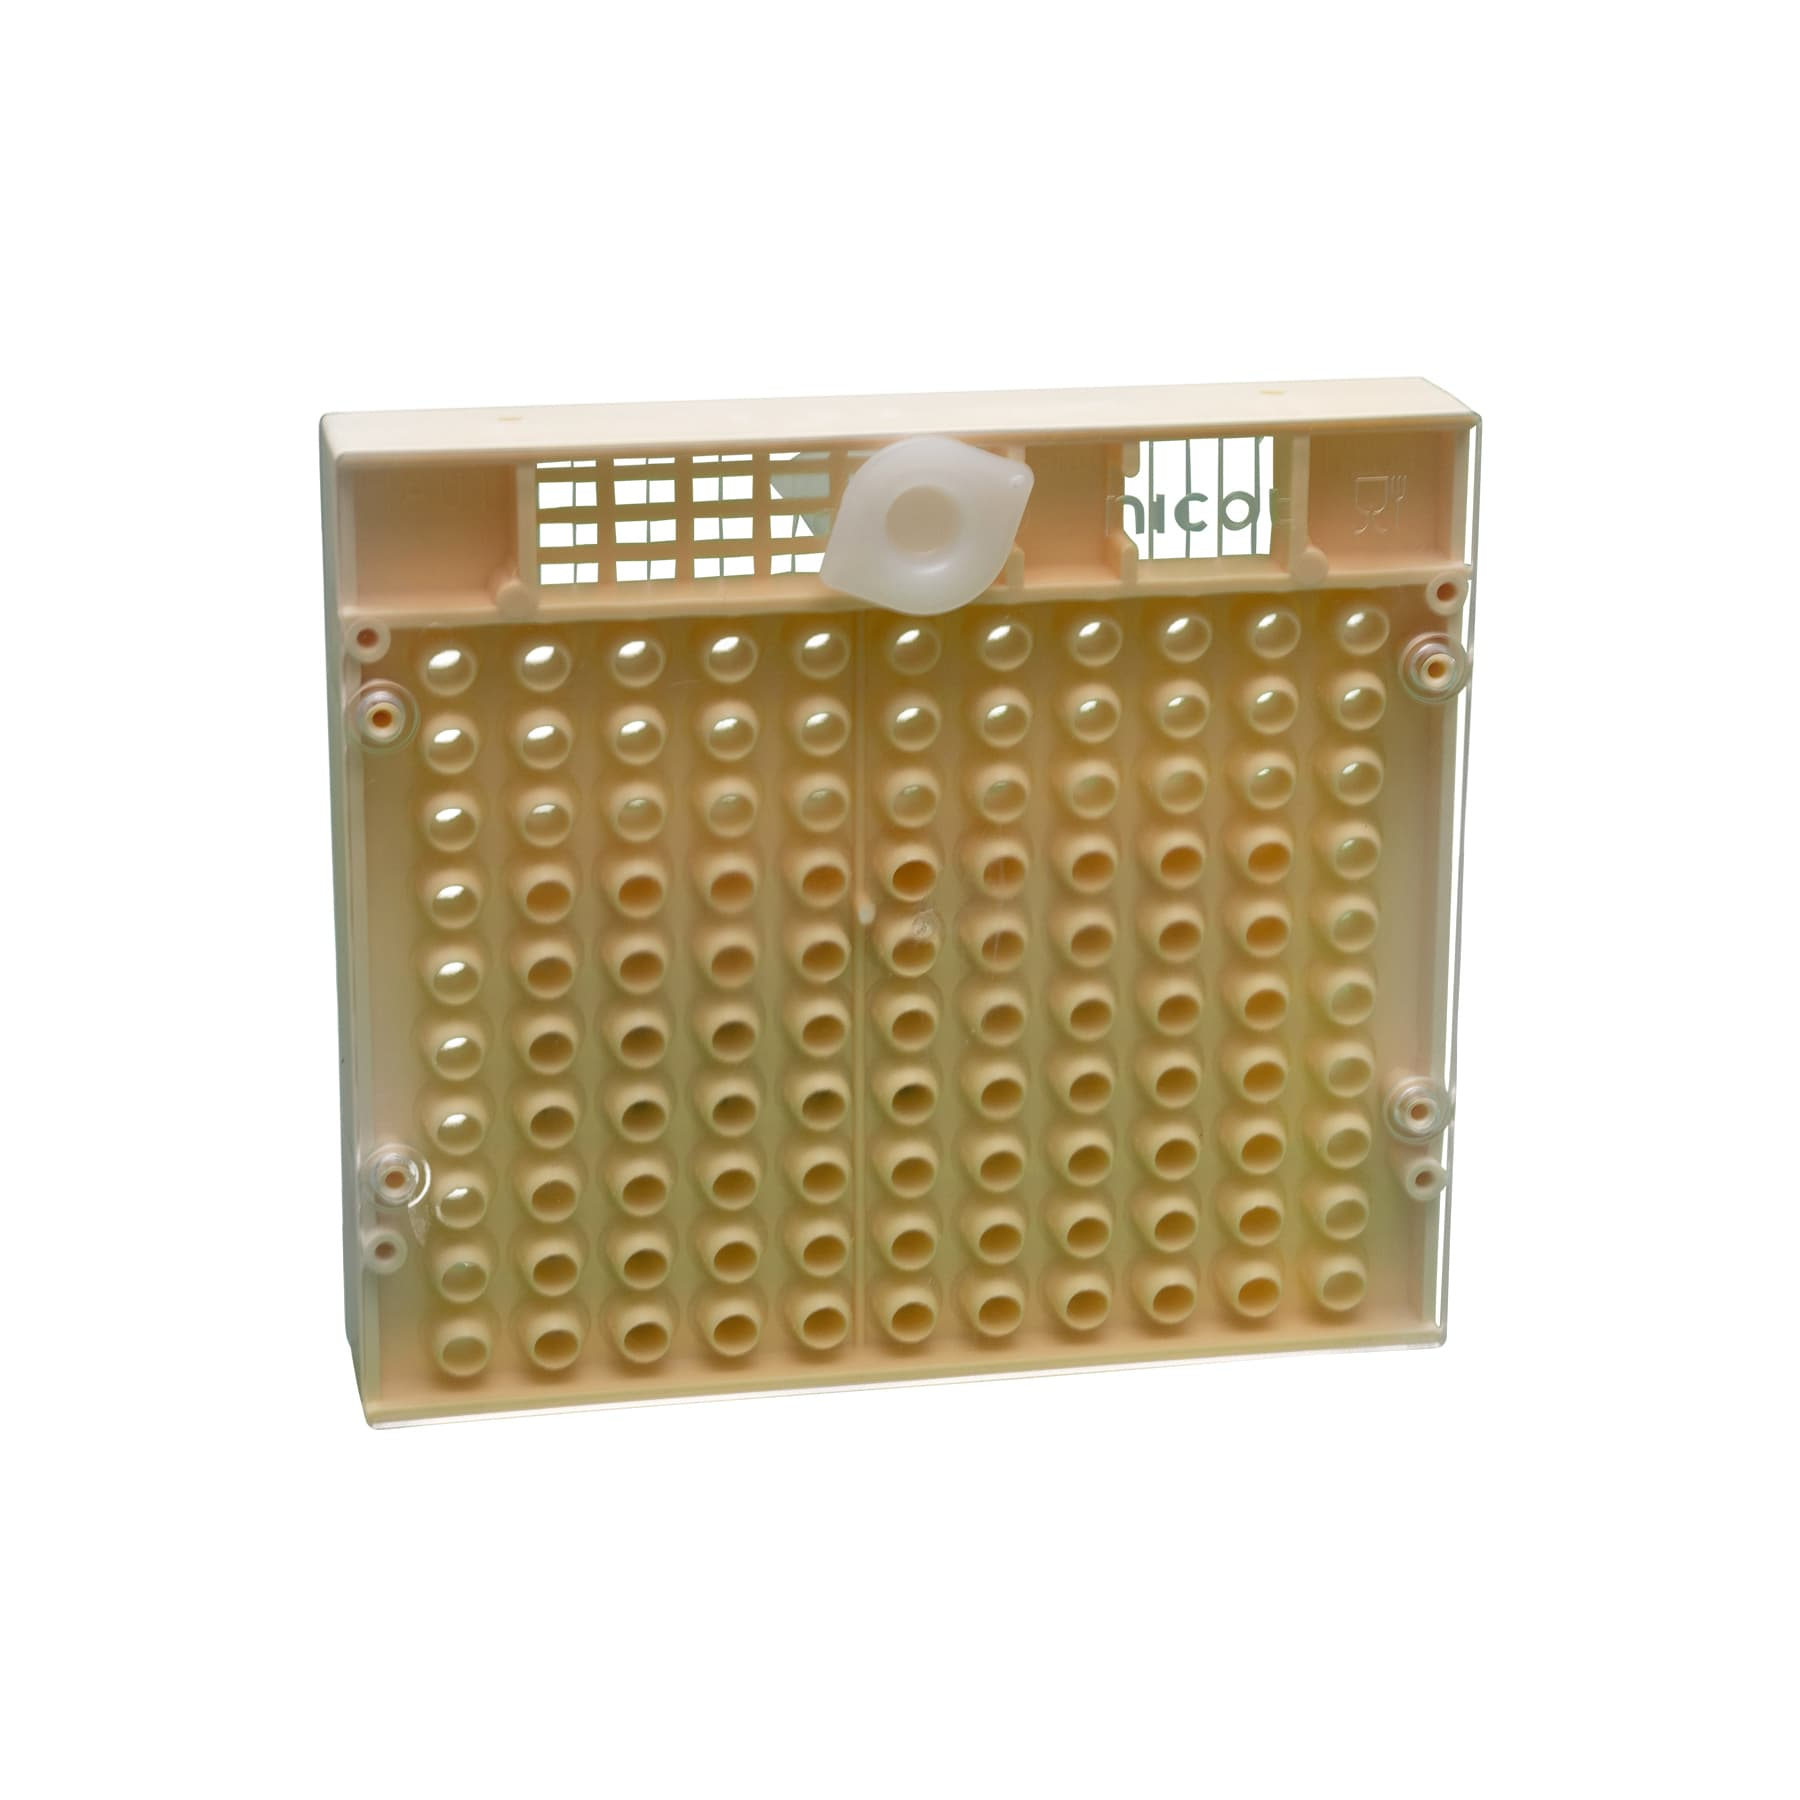 NC Zuchtkassette Cupularve